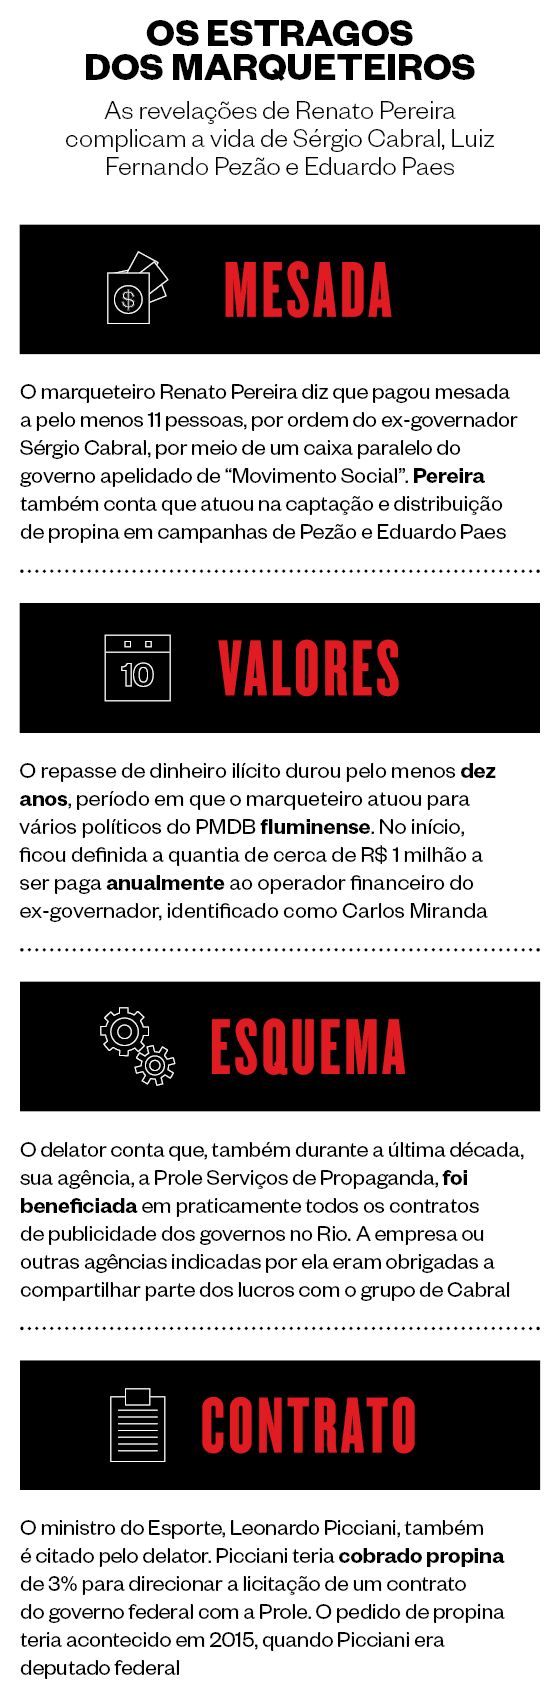 Os estragos dos marqueteiros (Foto: Revista ÉPOCA)